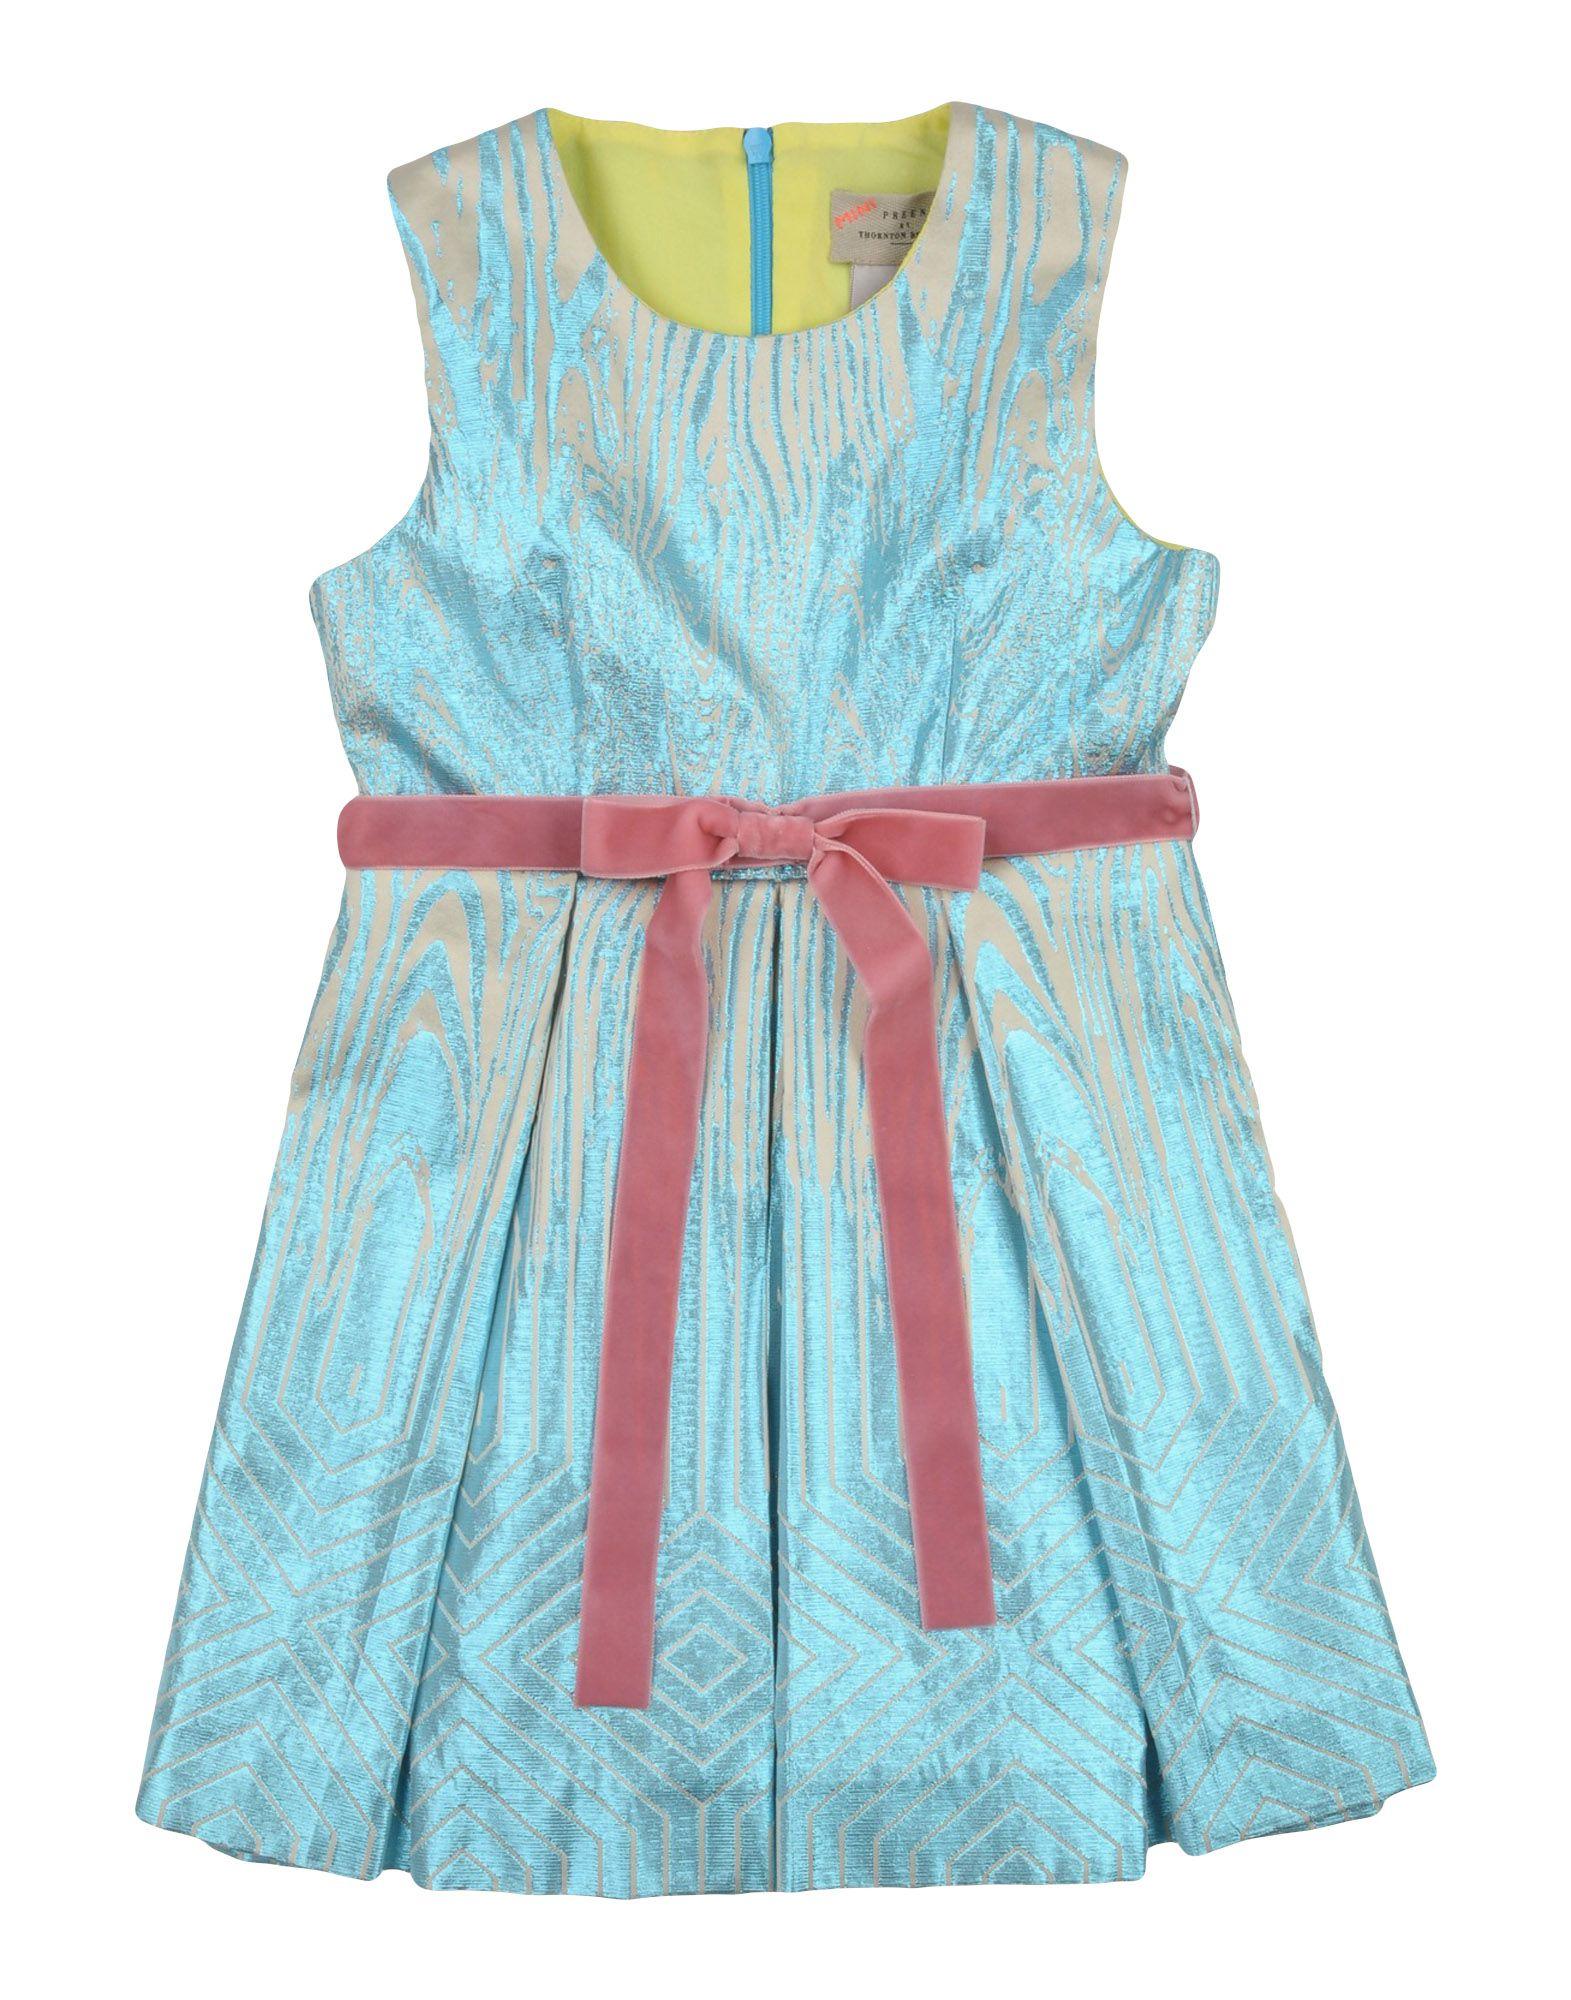 PREEN by THORNTON BREGAZZI Mädchen 0-24 monate Kleid Farbe Azurblau Größe 10